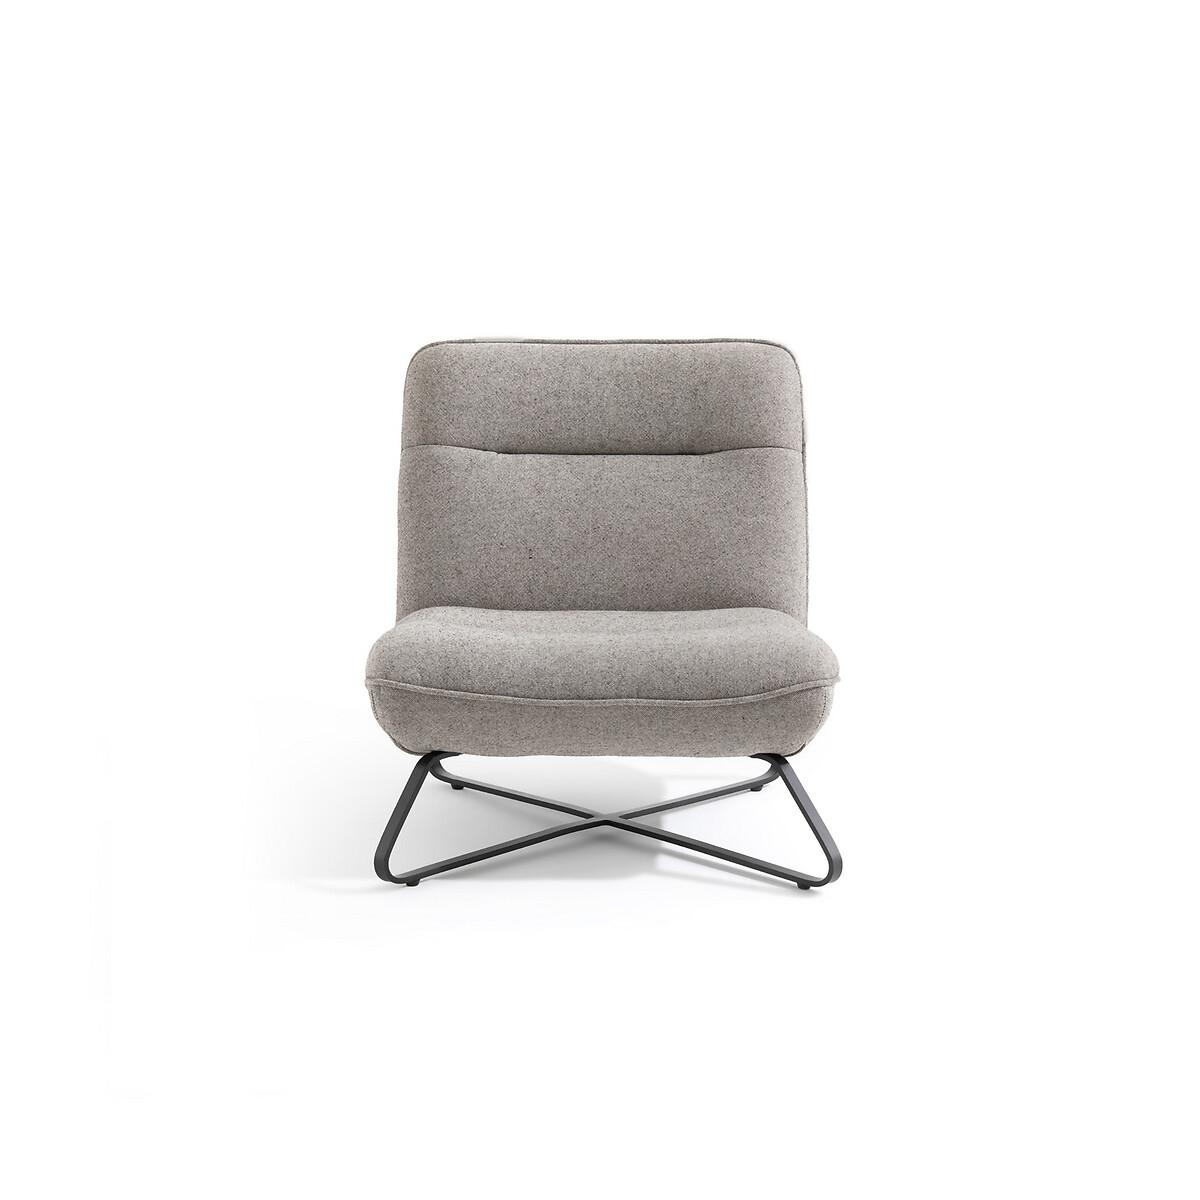 Кресло LaRedoute Детское из хлопка Helma единый размер серый